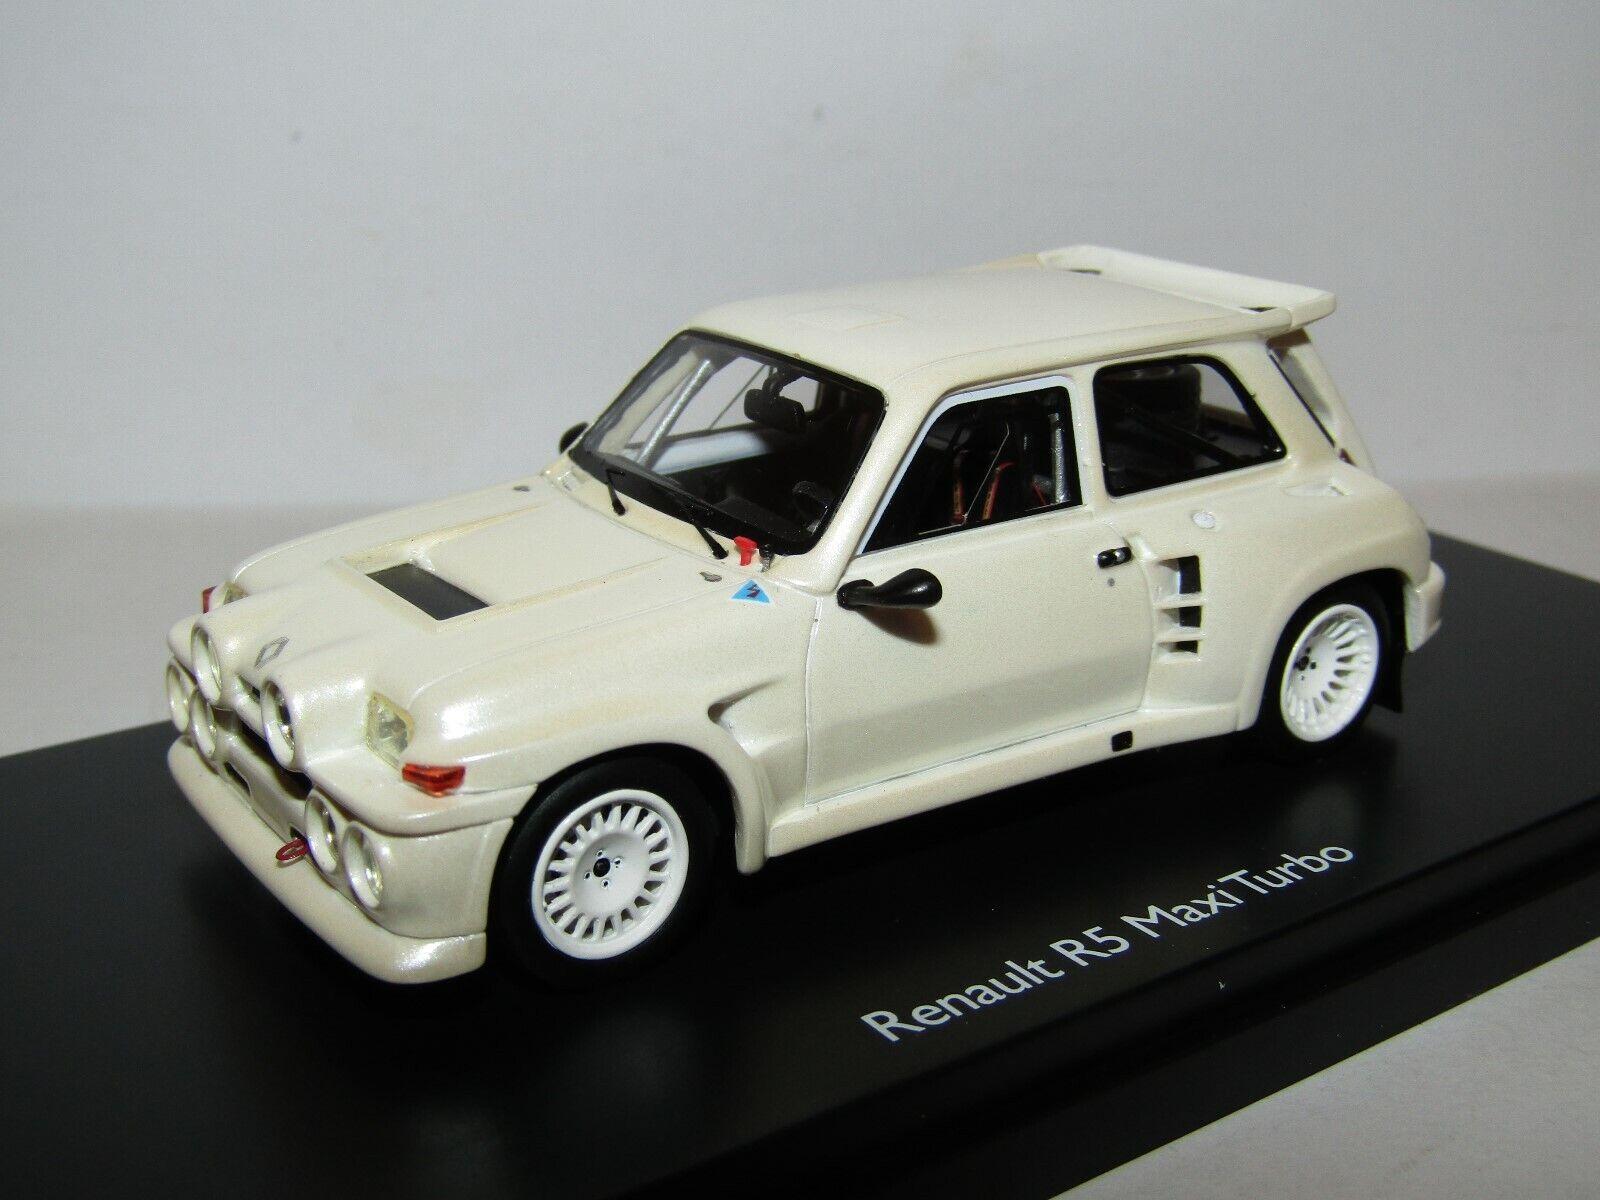 Schuco résine RENAULT R5 MAXI TURBO PEARL blanc 1 43 édition limitée de 500